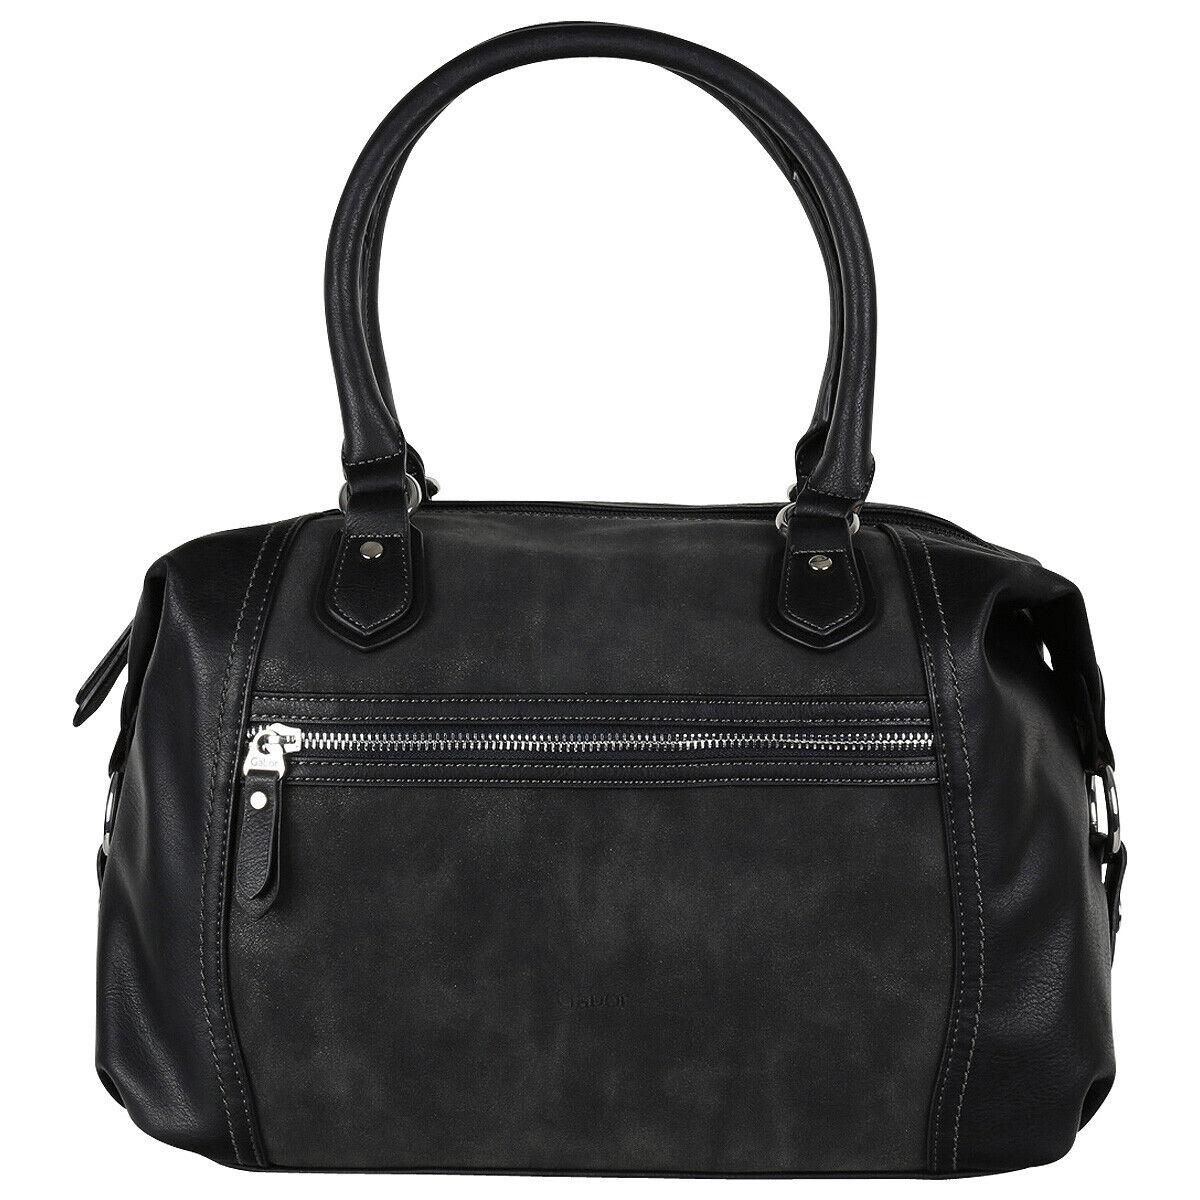 Gabor Evelyn Tasche Handtasche Henkeltasche Schultertasche Bowlingbag 7429